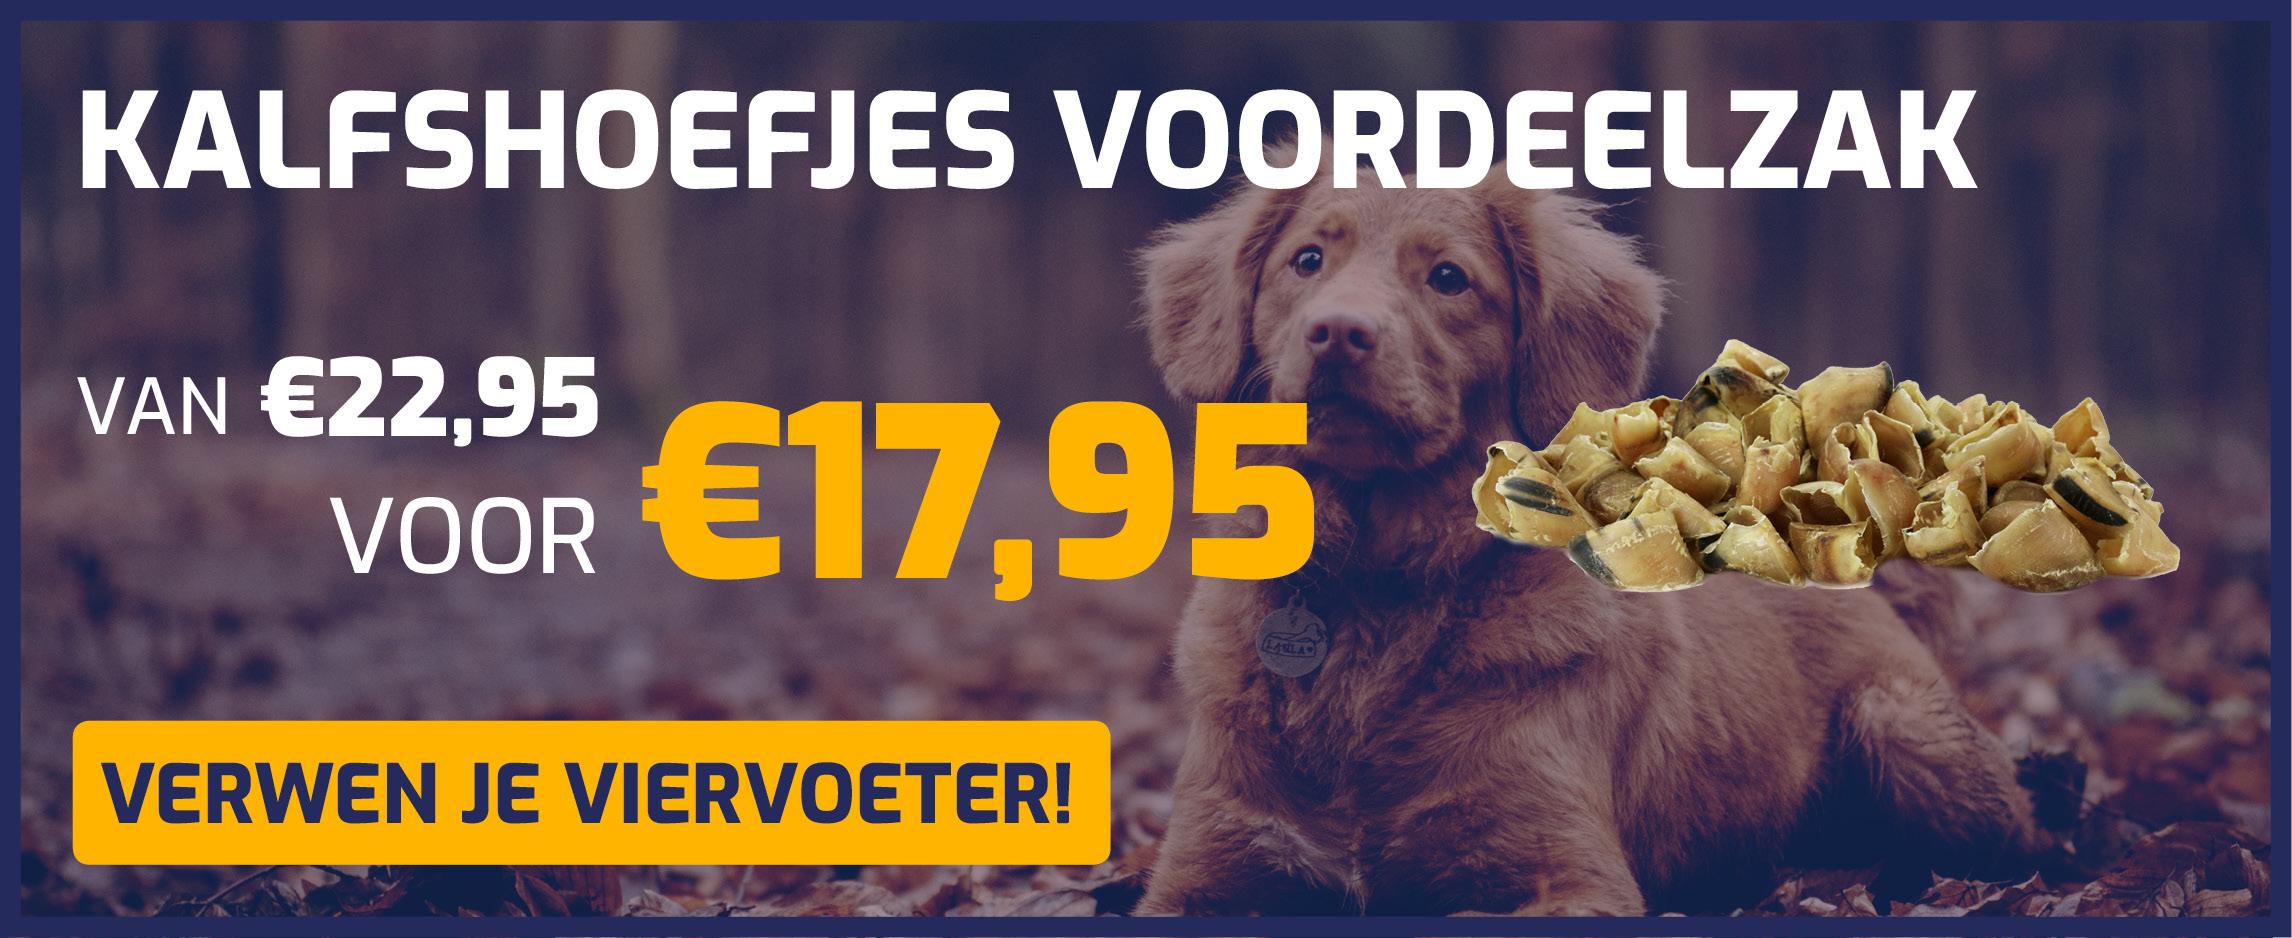 Kalfshoefjes voordeelzak, van €22,95 voor €14,95!